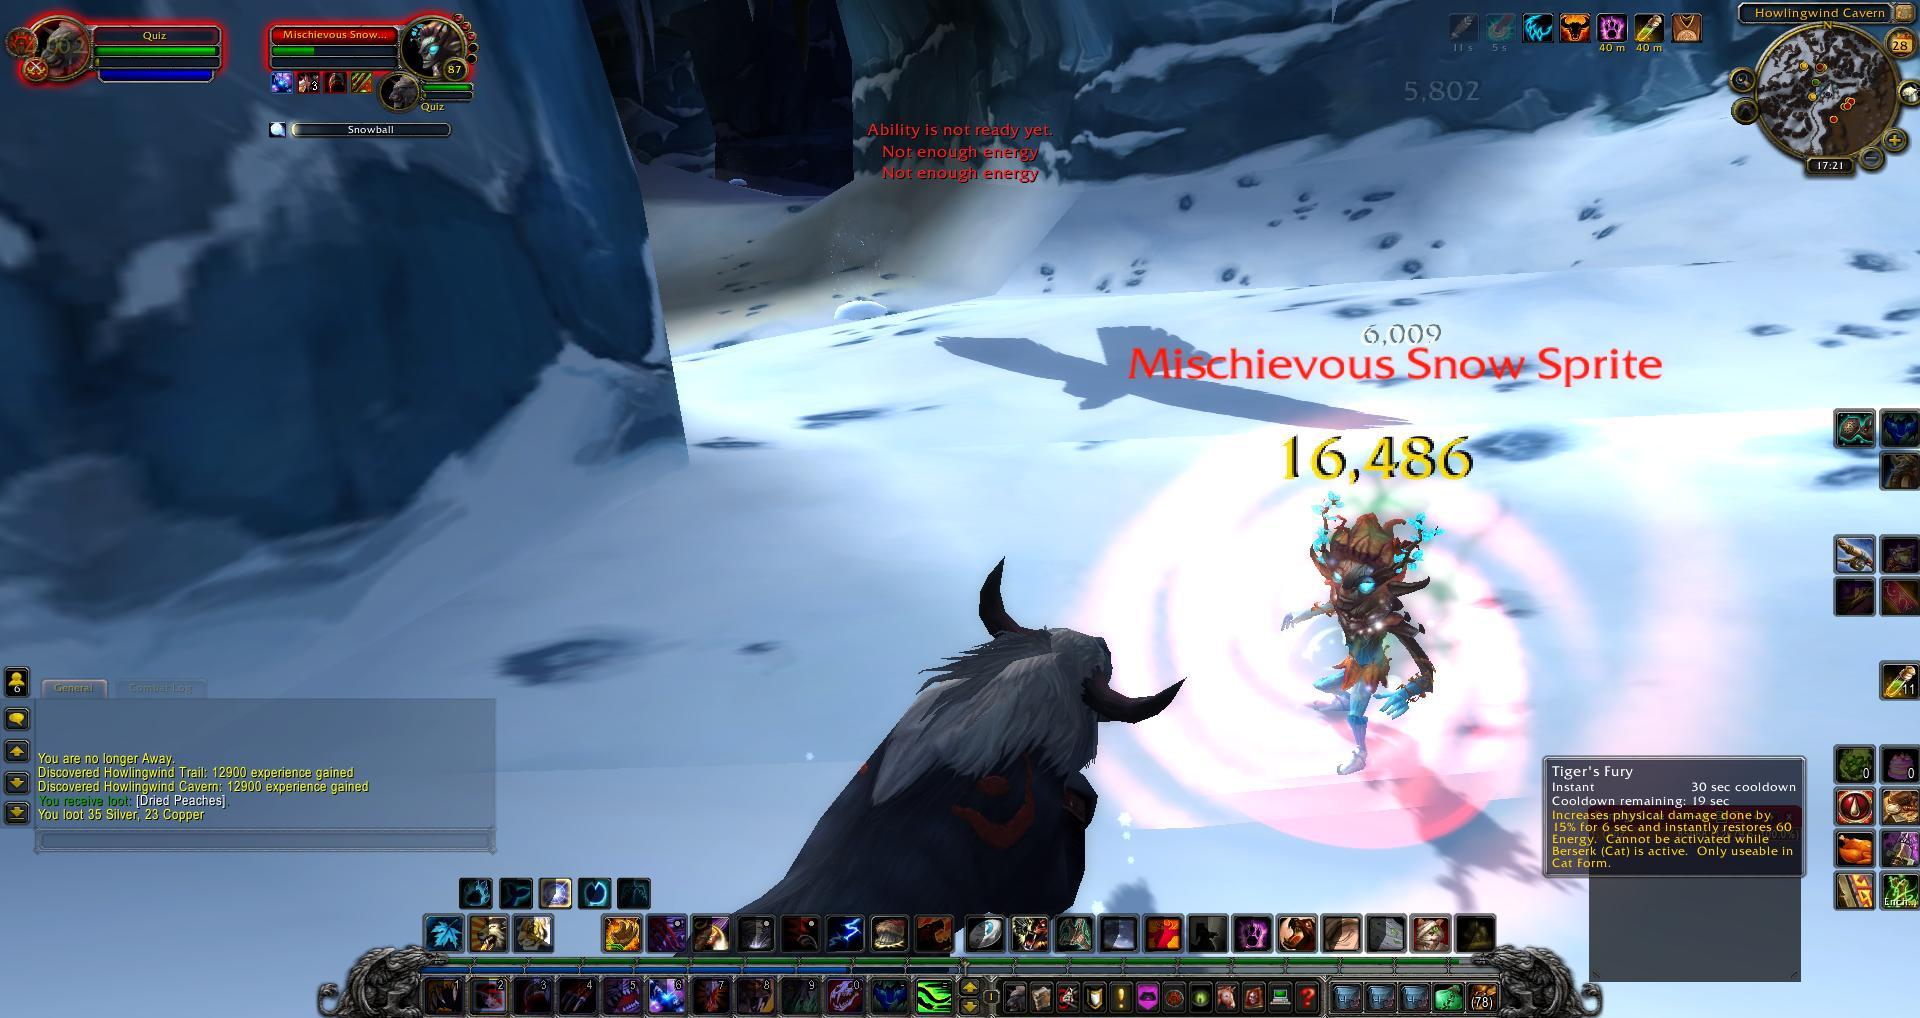 Snow Sprite Wow Mischievous Snow Sprite Wow